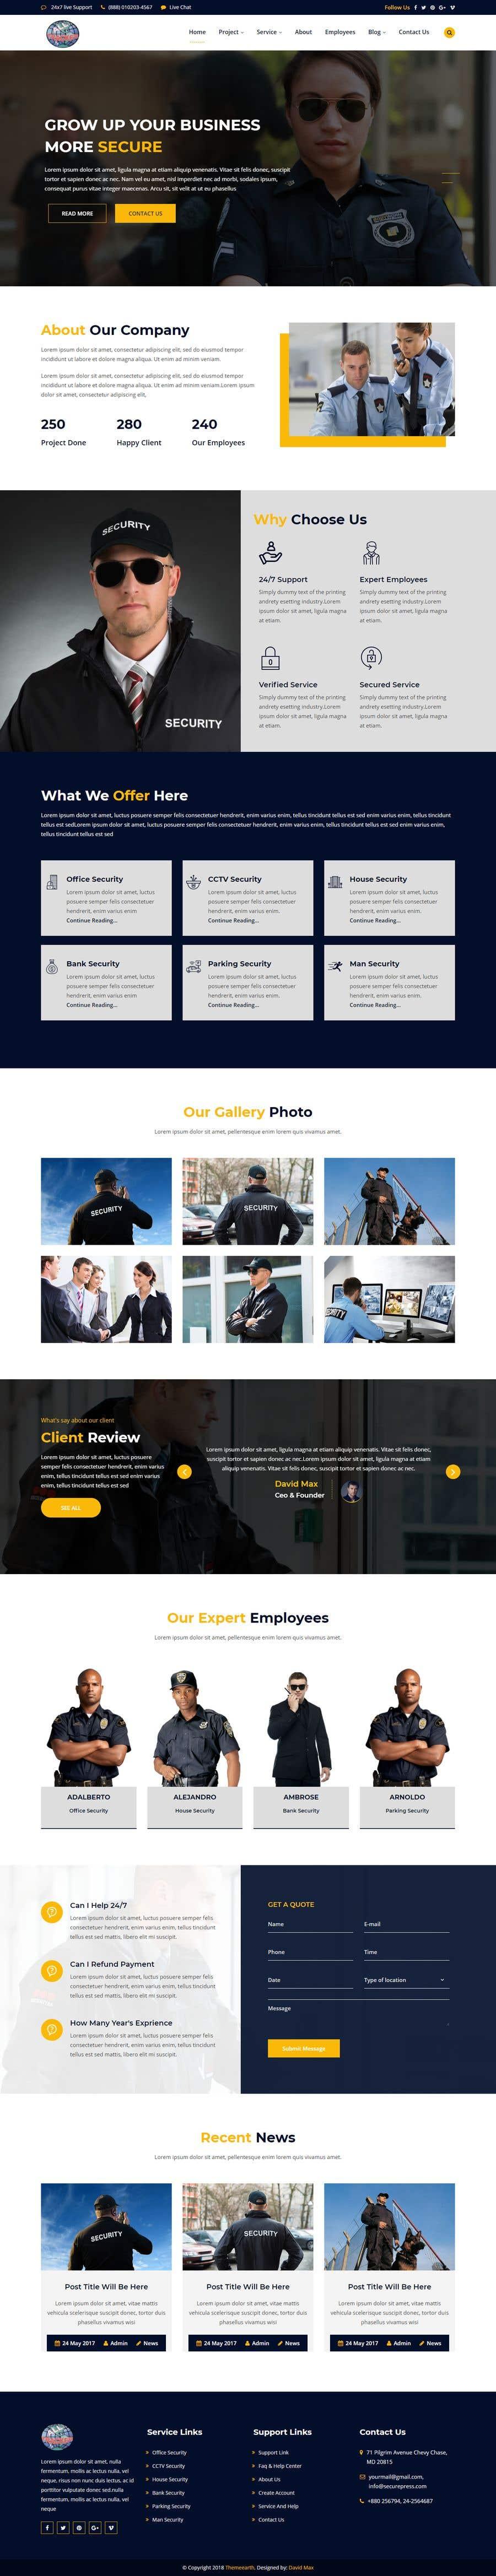 Konkurrenceindlæg #                                        40                                      for                                         Website Design